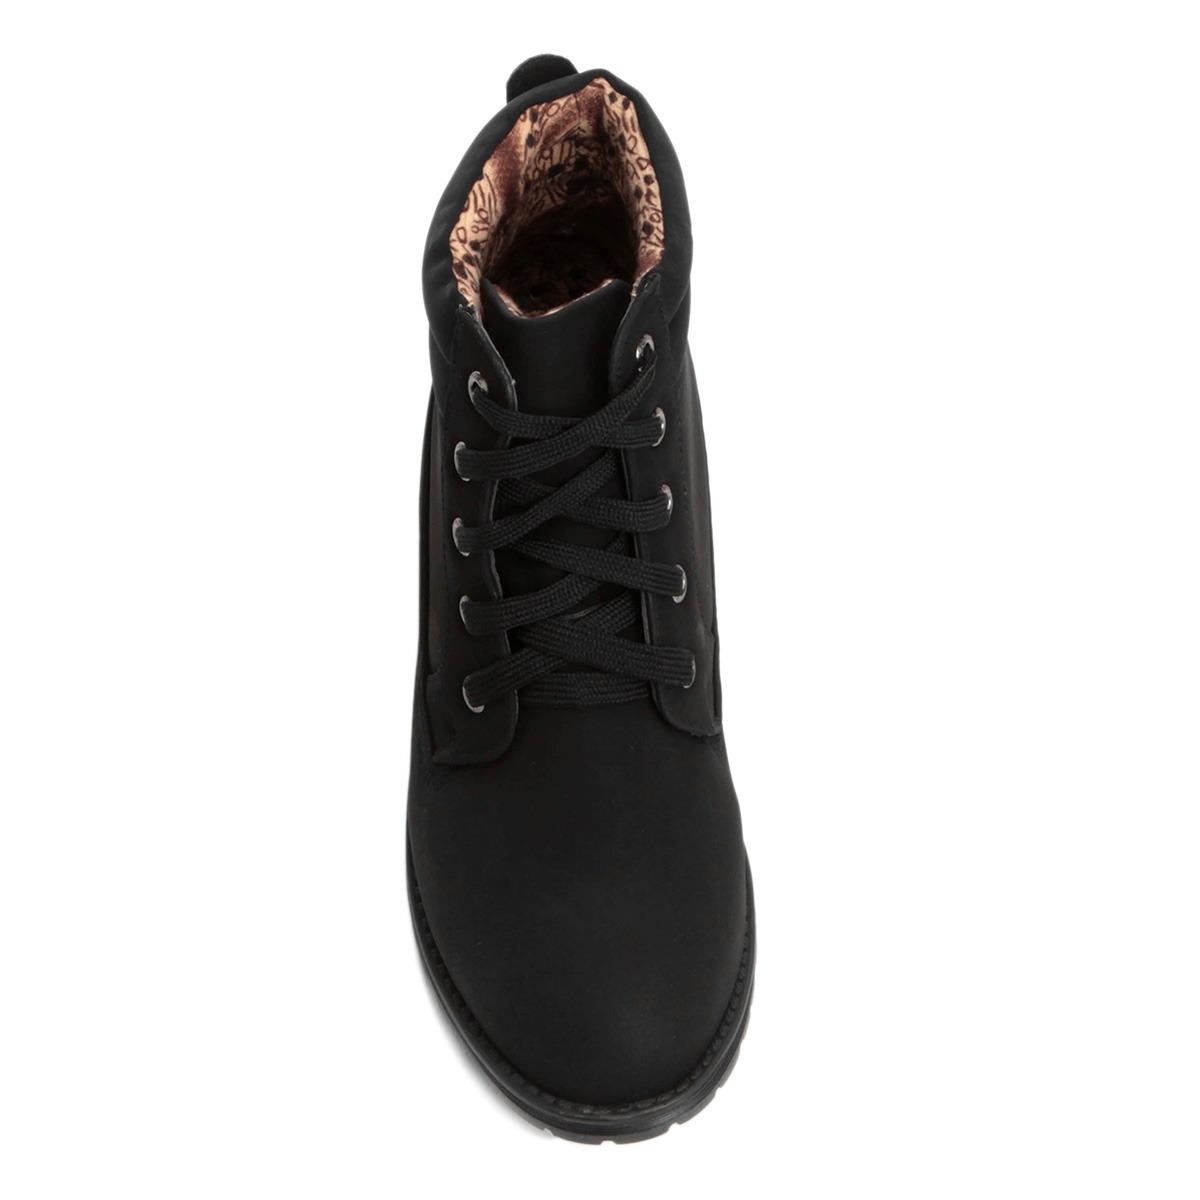 c6e841e5c bota mooncity coturno moda feminina lançamento promoção. Carregando zoom.